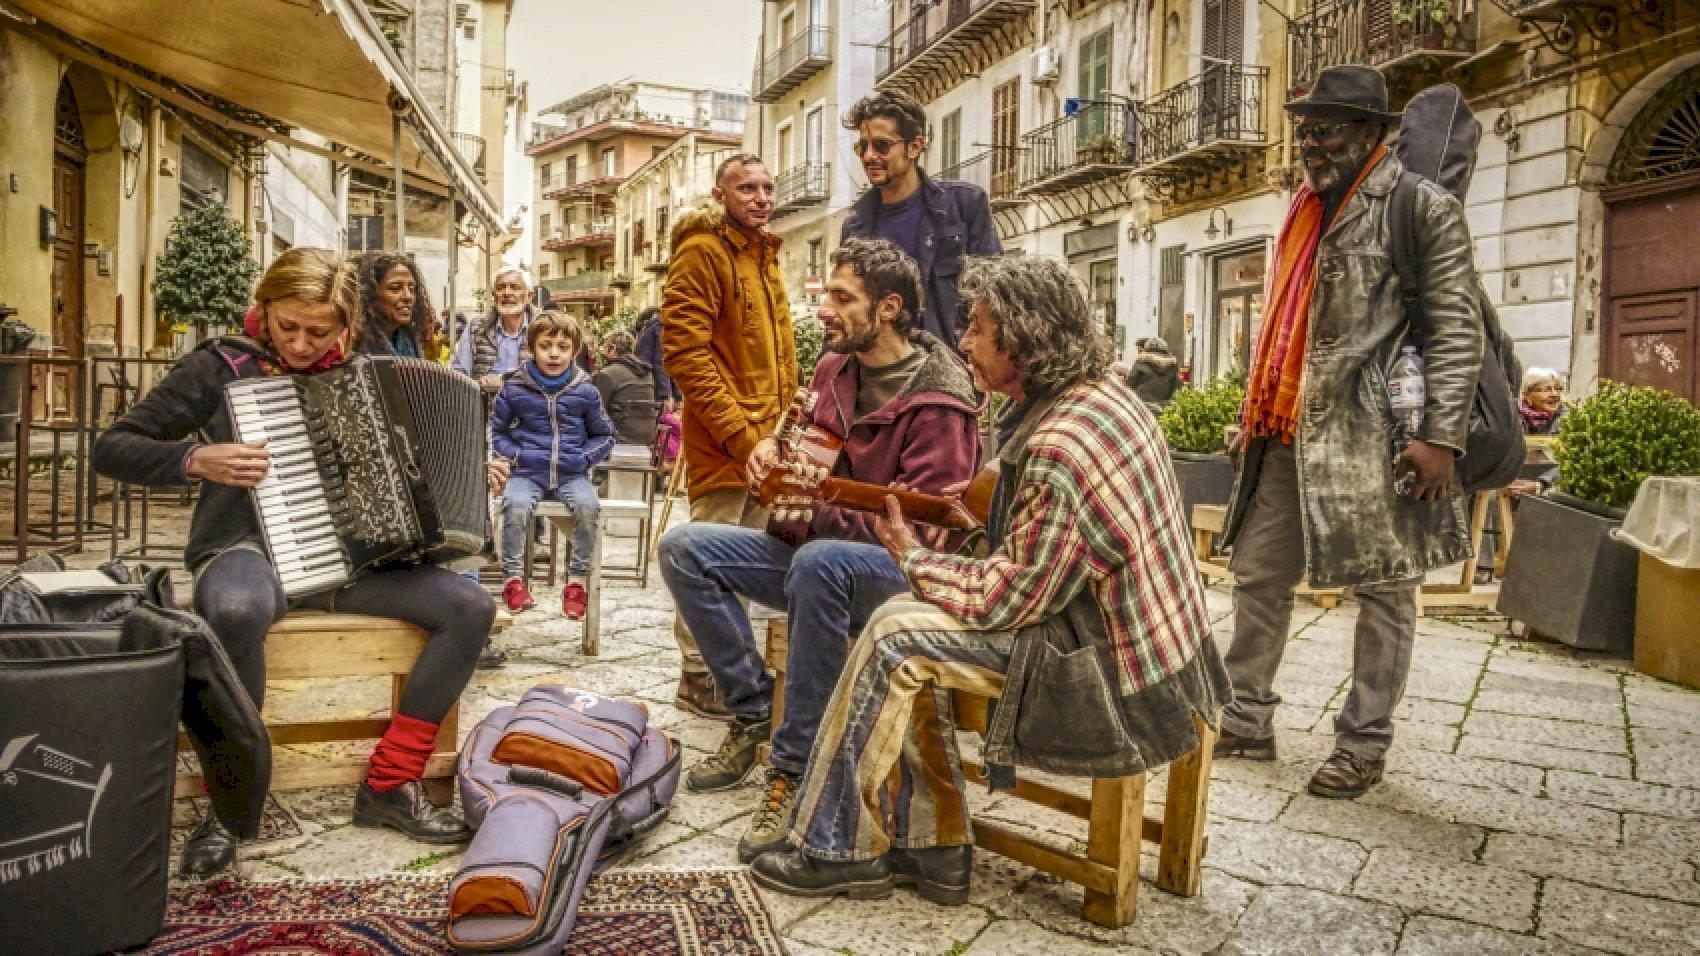 Palermo - Piazza Rivoluzione